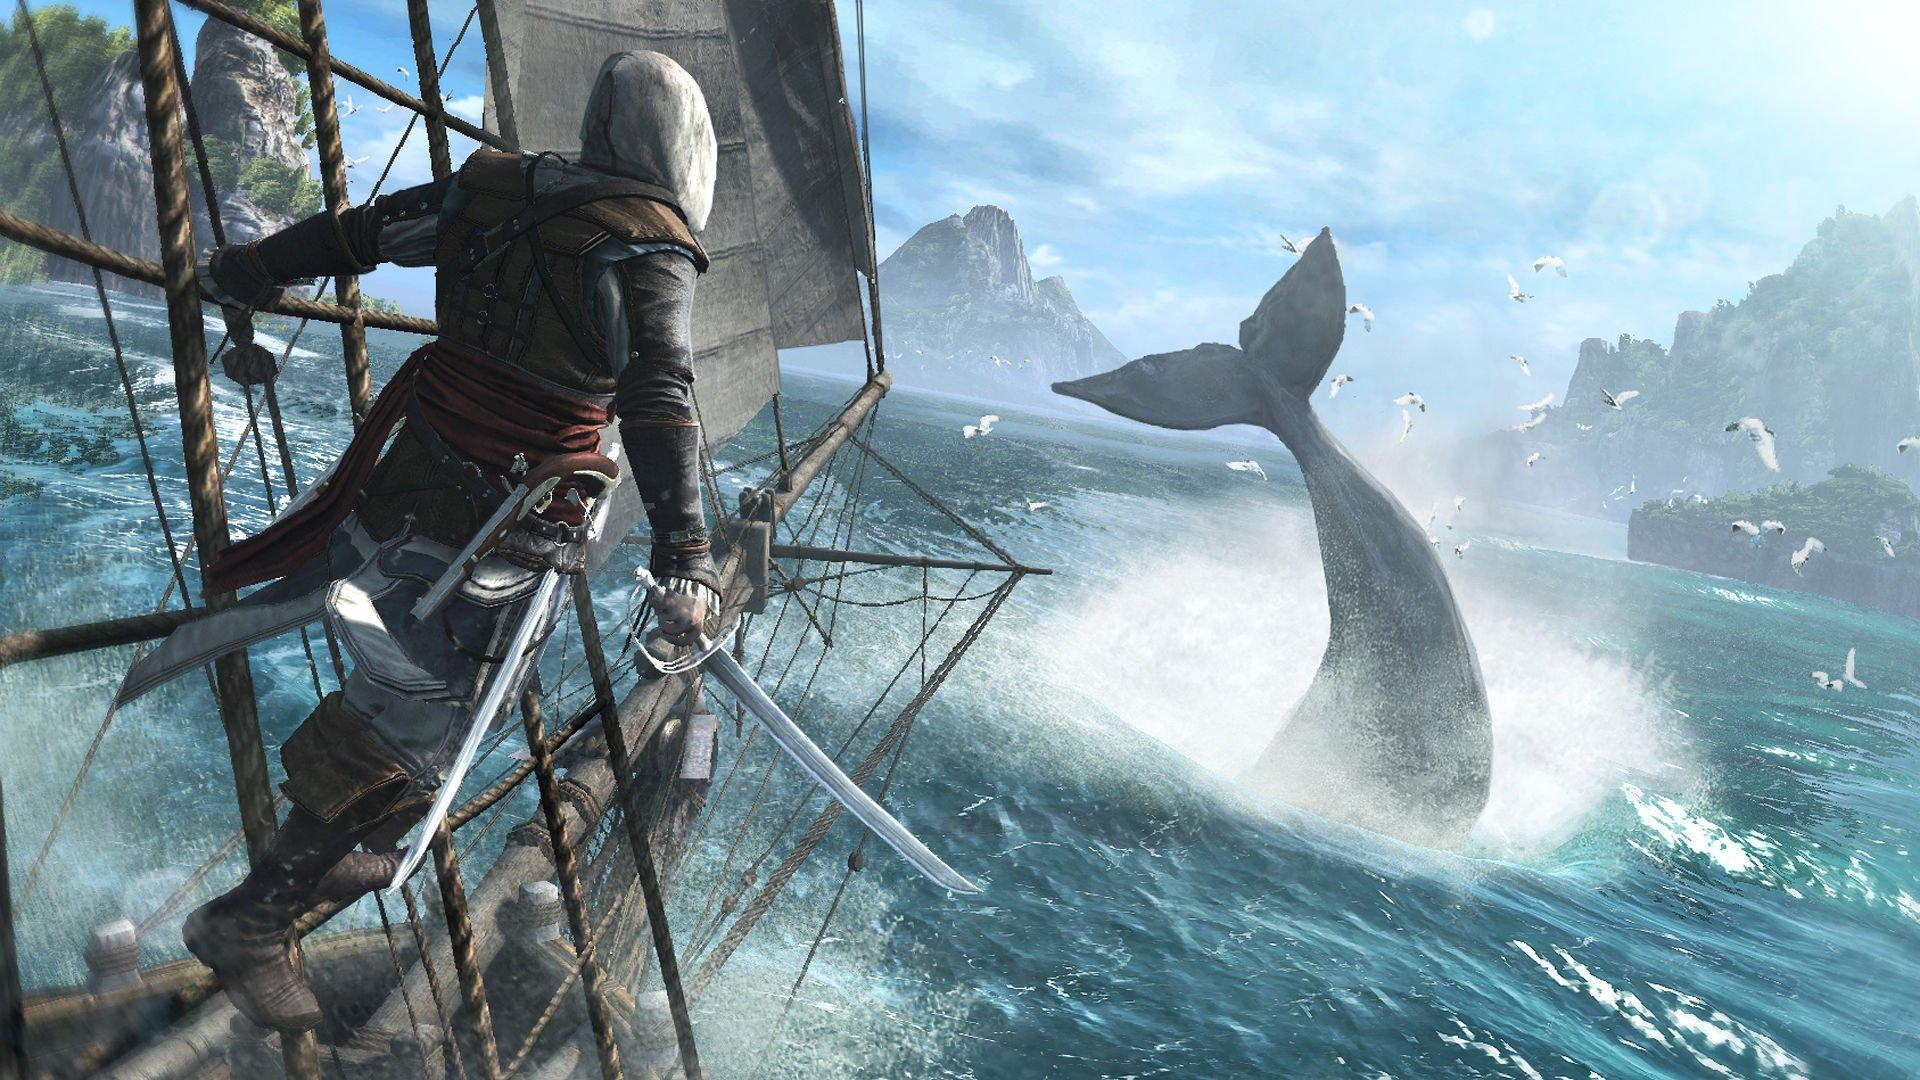 PS4 не вытянет Full HD в Assassin's Creed 4: Black Flag на запуске - Изображение 1